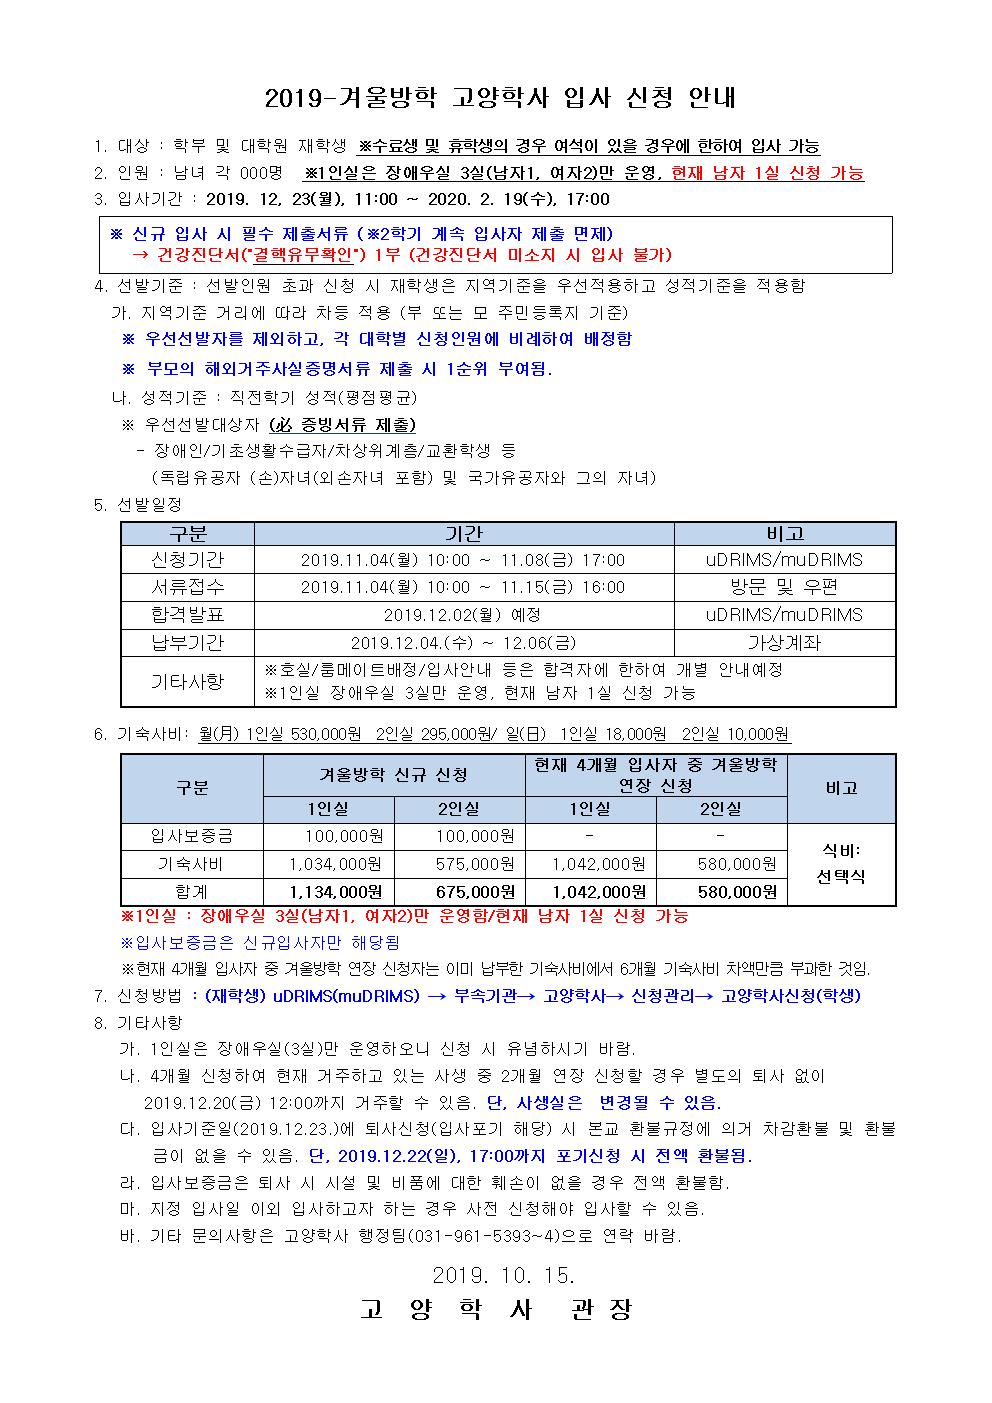 2019년 겨울방학 입사 신청 안내문001